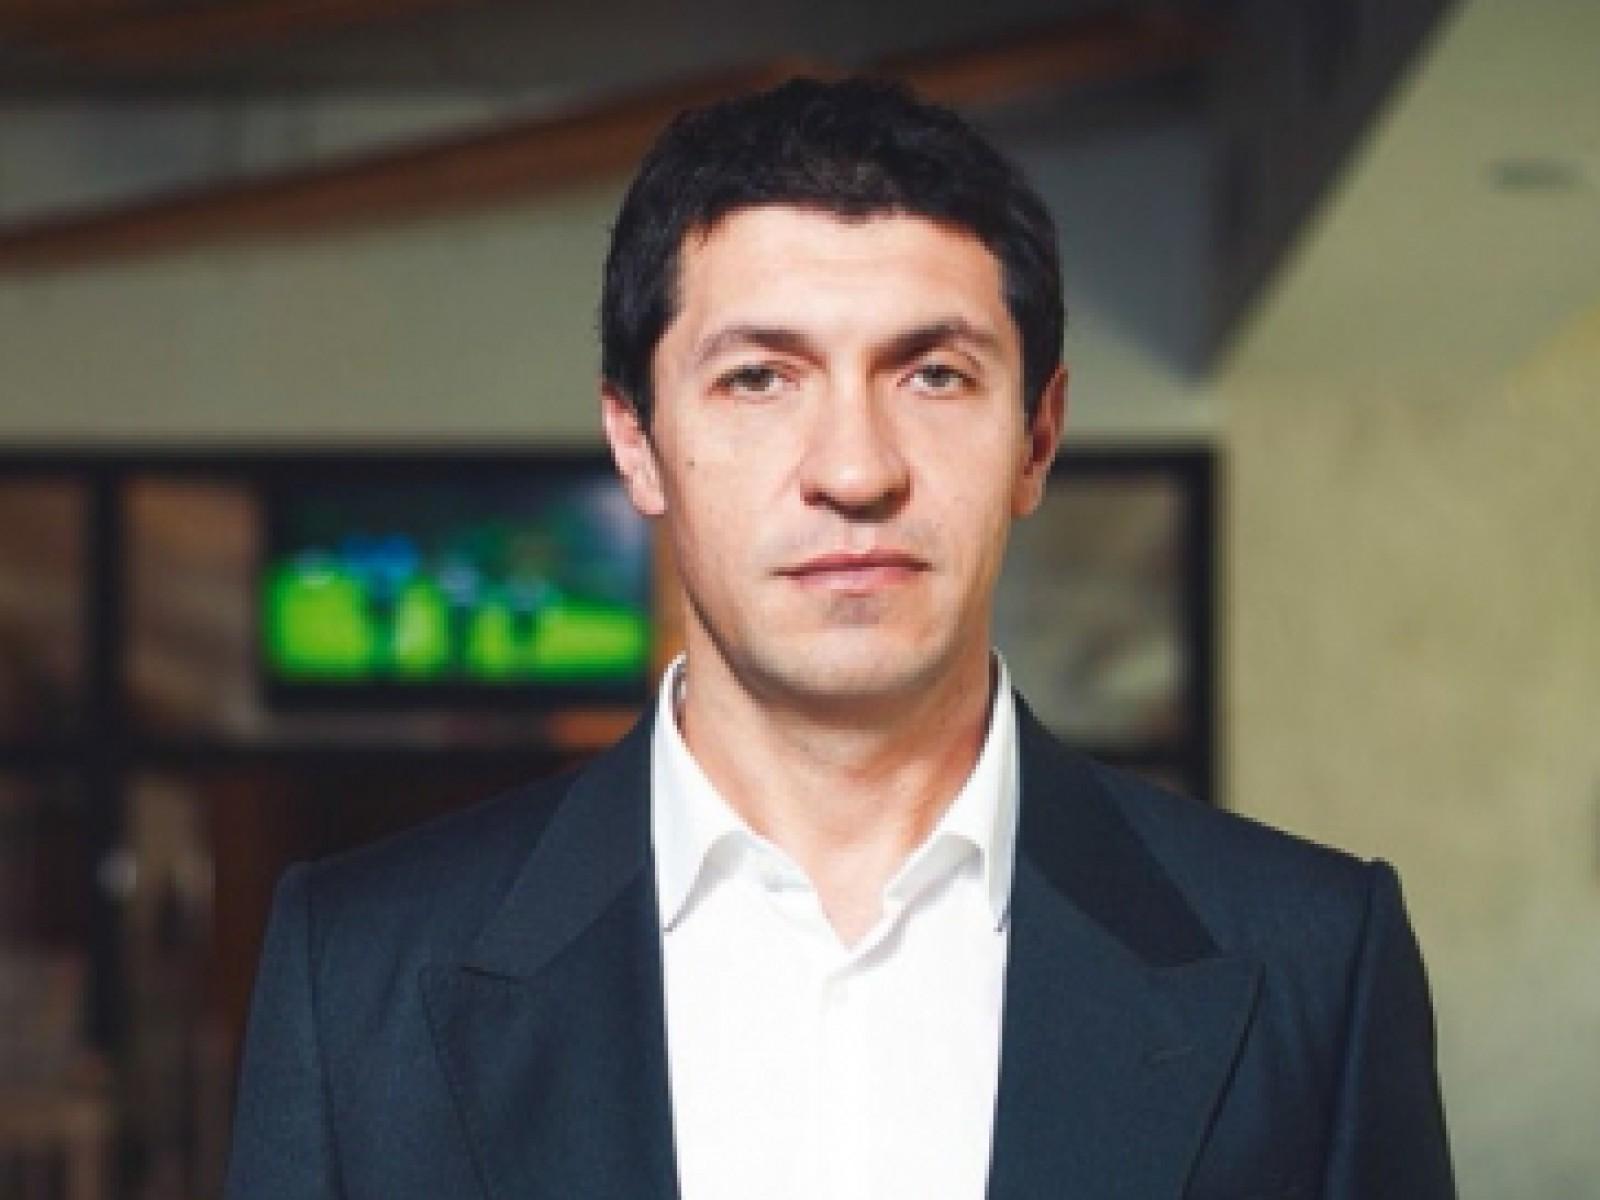 Ceslav Ciuhrii o va înlocui pe Marina Tauber în fruntea federației de tenis. În board-ul organizației vor mai face parte un fost ministru al jusiției și directorul unui post privat de televiziune